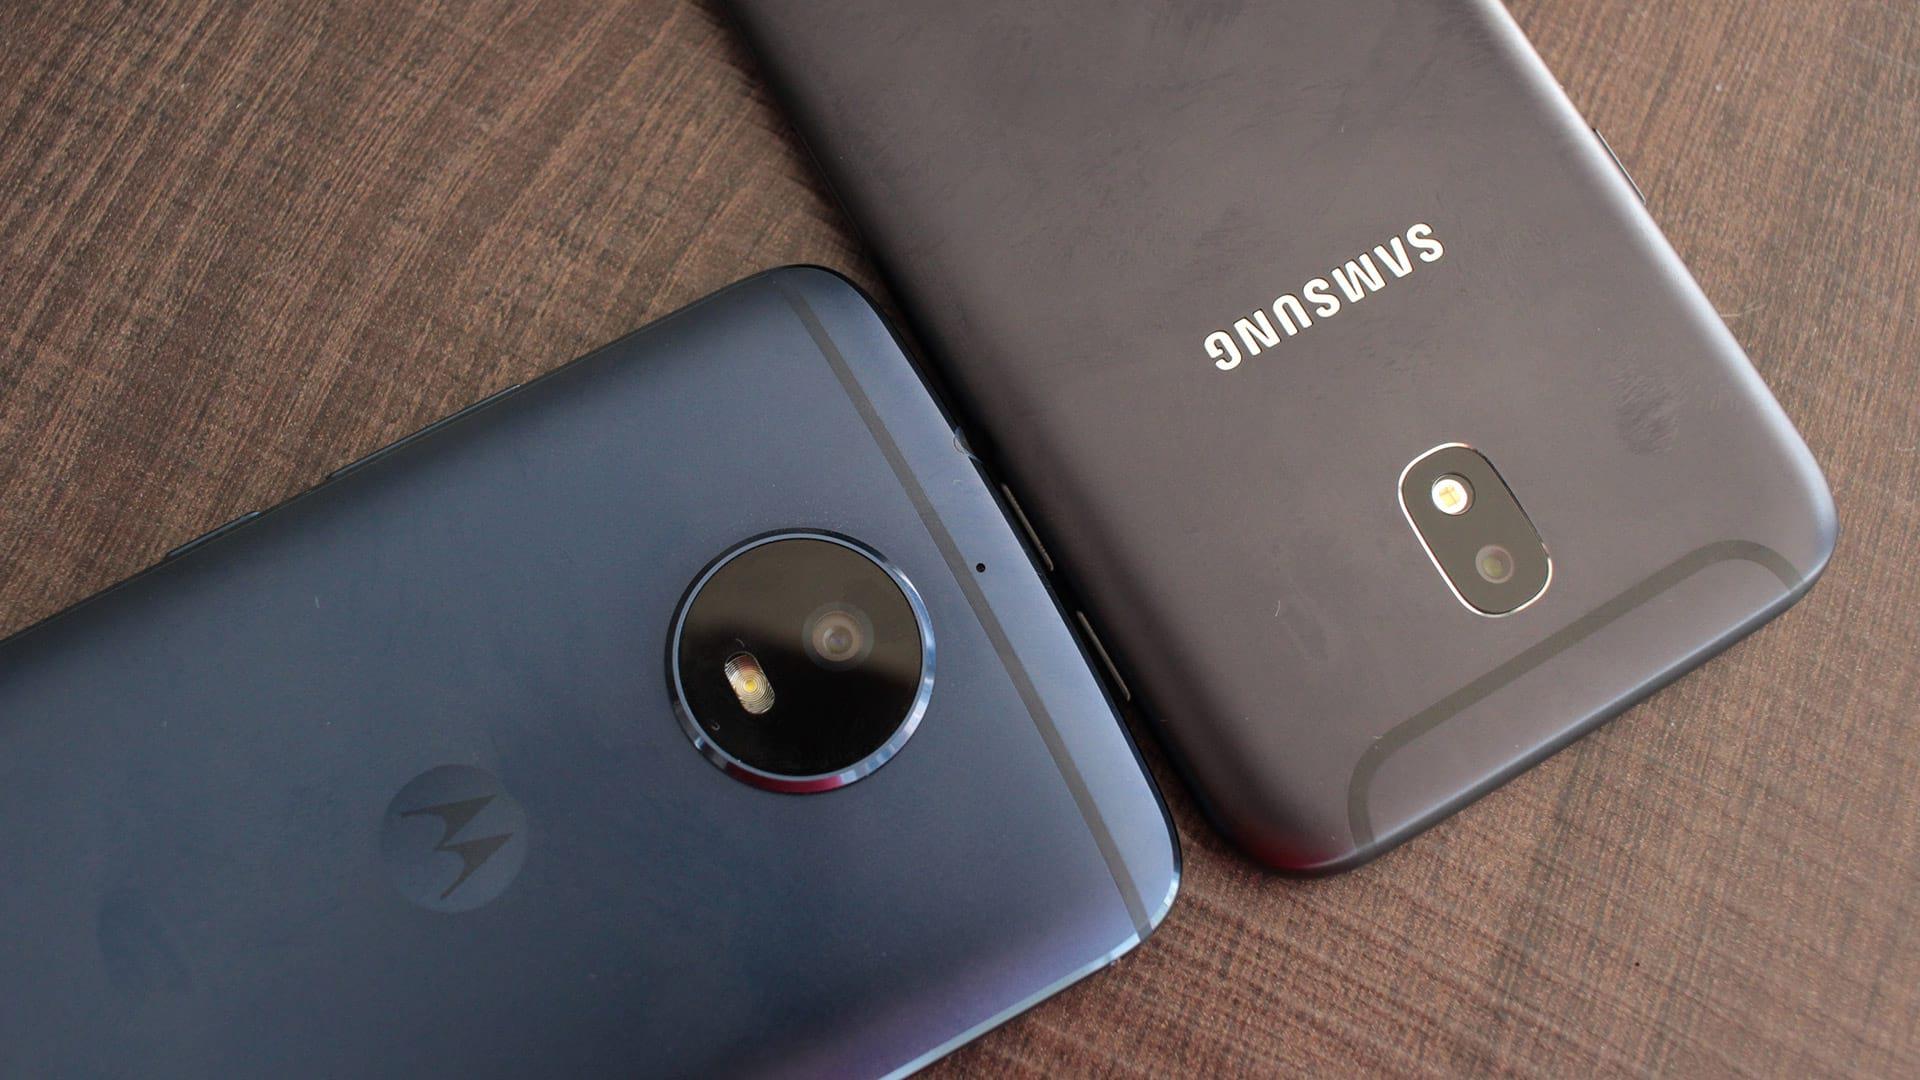 Comparativo entre o Moto G5S e Galaxy J5 Pro